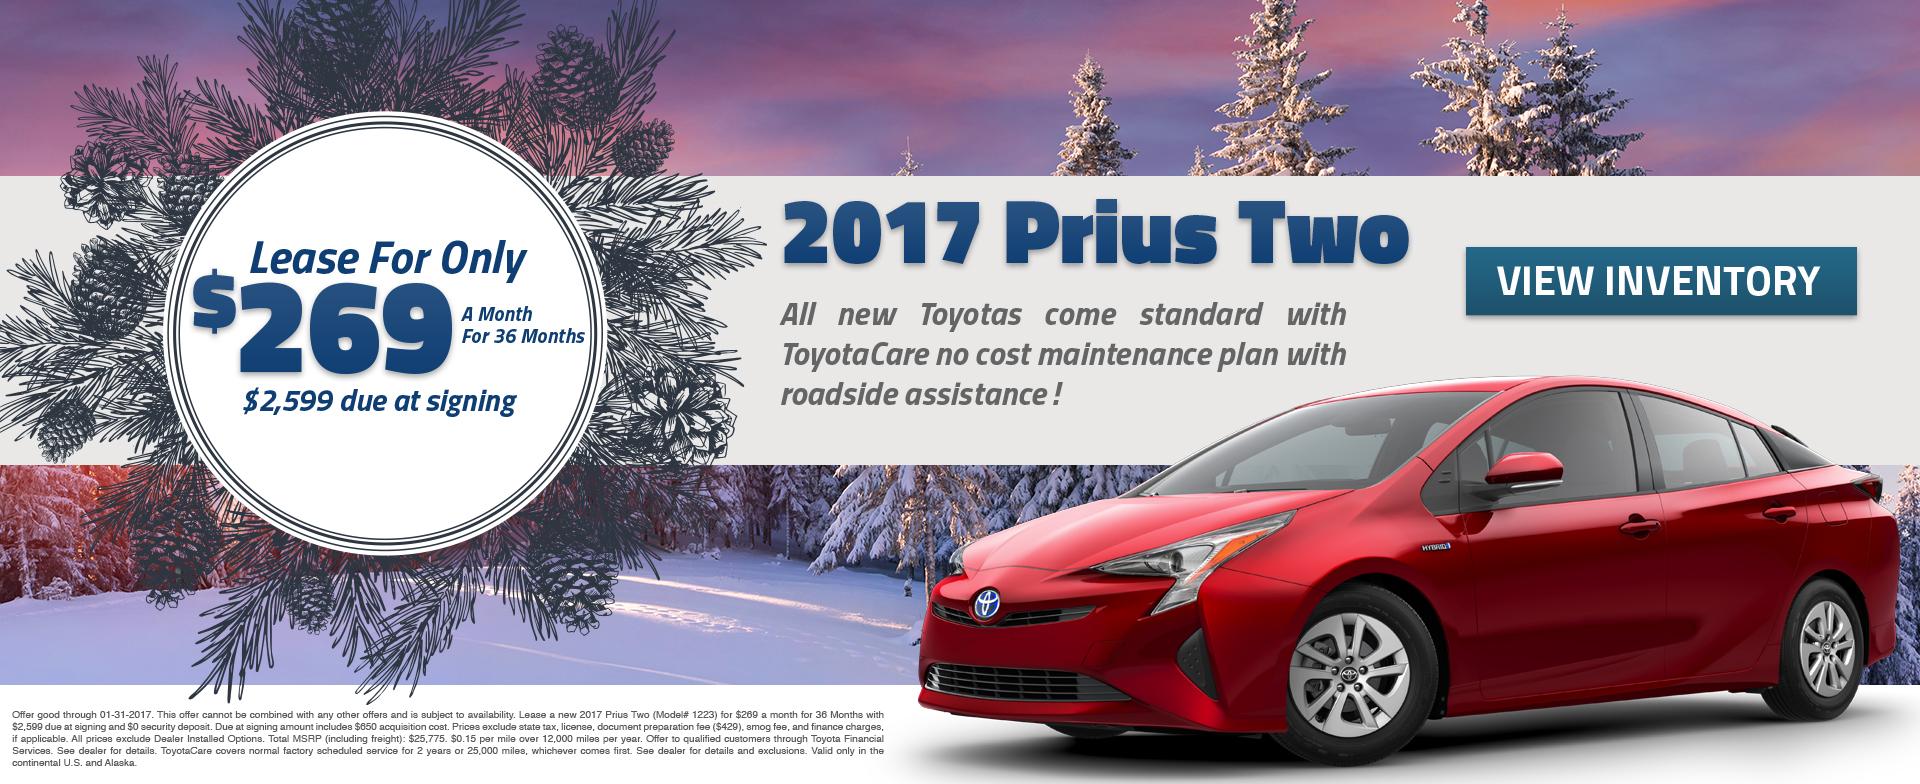 Prius HP